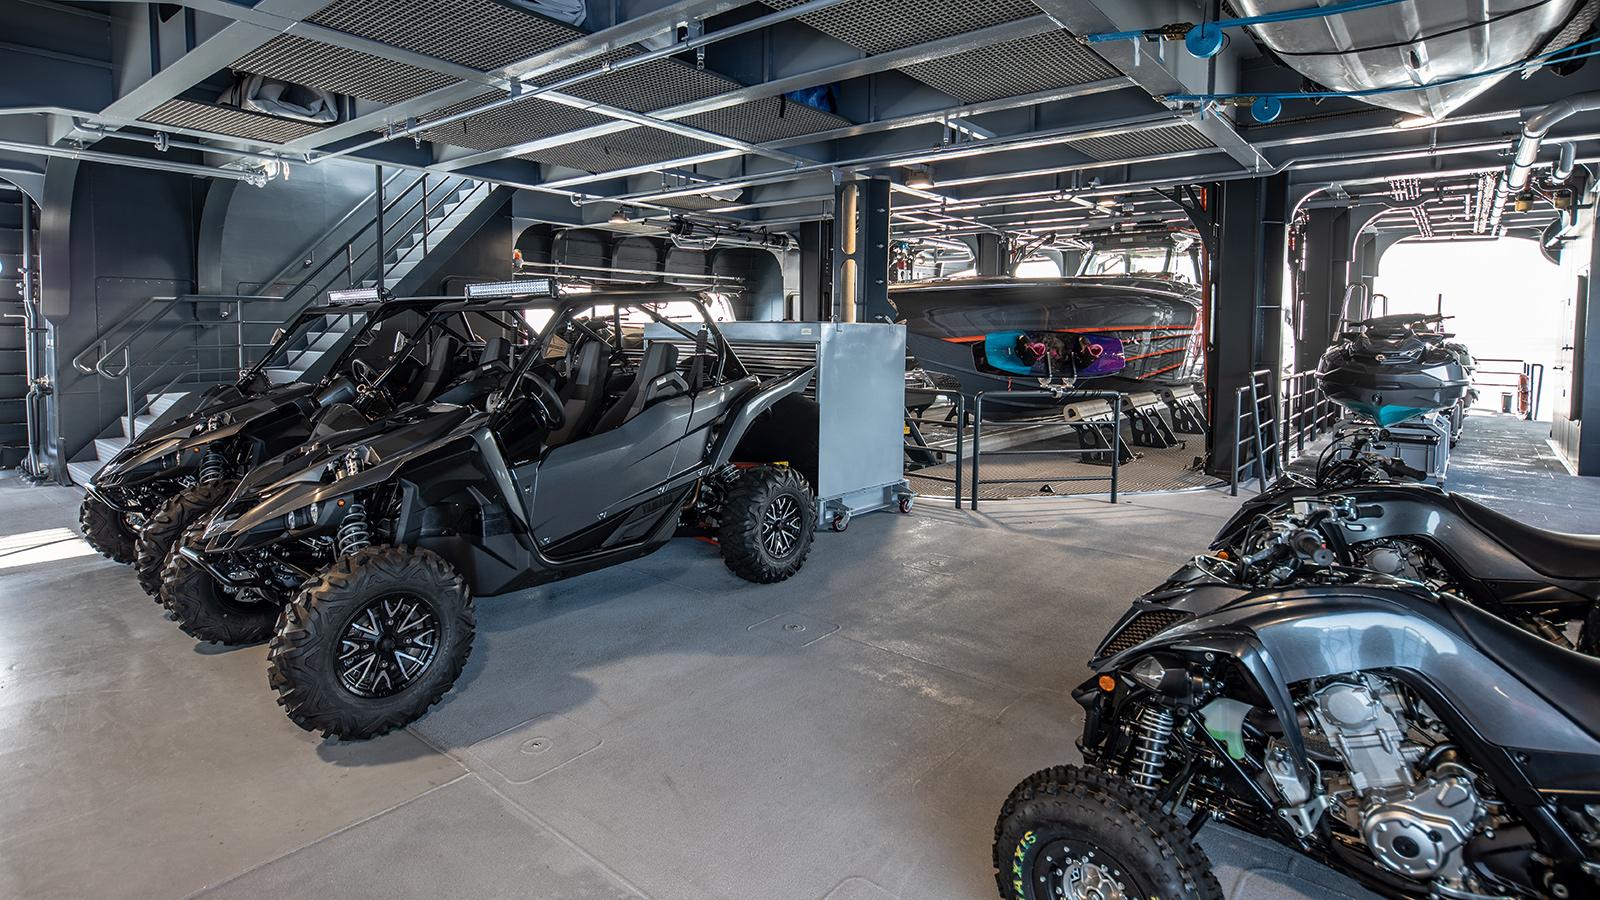 catamaran-superyacht-Hodor-worlds-largest-toybox-garage-quad-bikes-toys